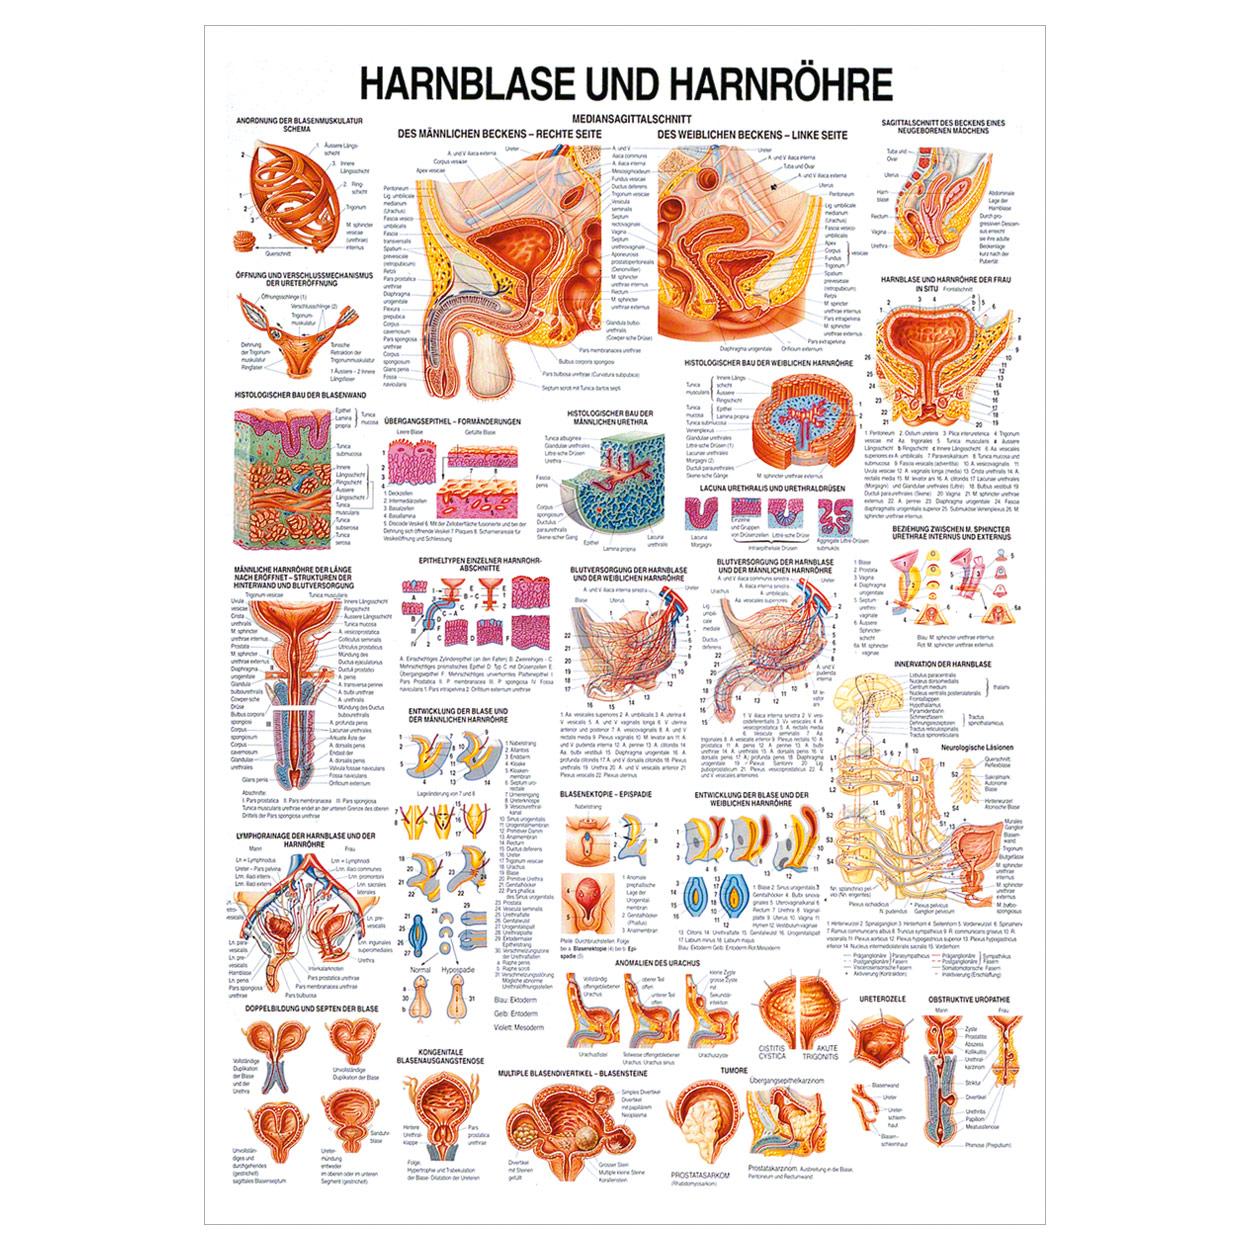 Hanrblase und Harnröhre Lehrtafel Anatomie 100x70 cm medizinische ...